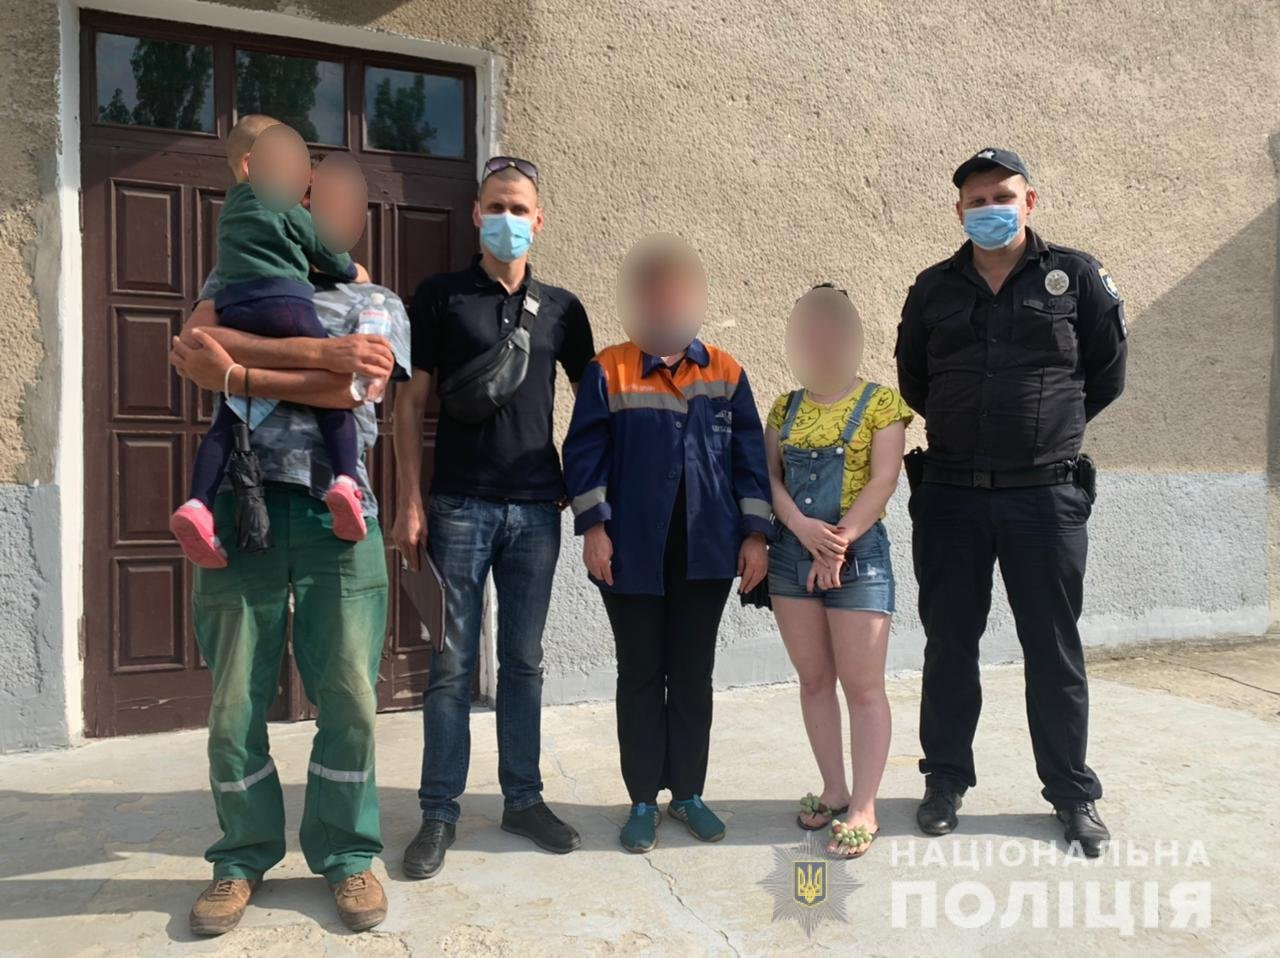 В Херсоне обнаружили 4-летнего ребенка, которого мачеха привезла из Одессы и бросила на вокзале, - ФОТО, фото-1